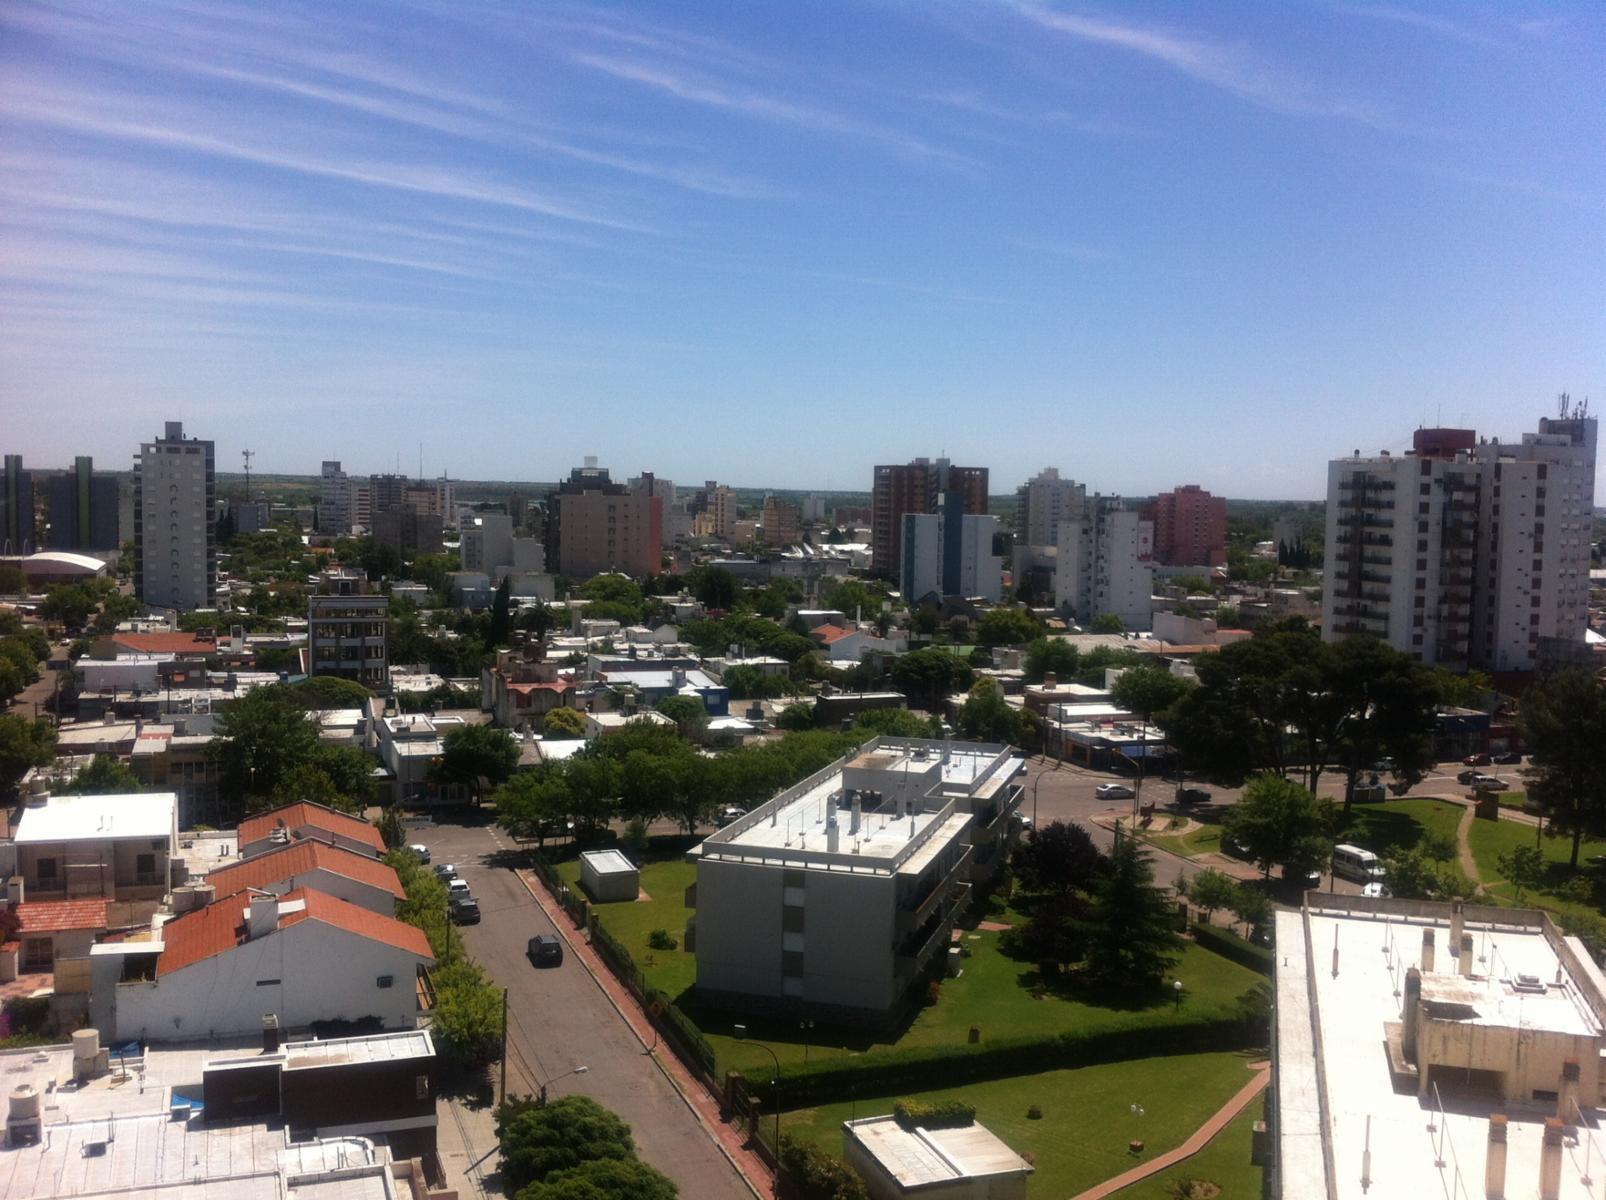 EXCEPCIONAL departamento en décimo piso, en barrio Villa Elvina. Cuatro dormitorios., ADBARNI Servicios Inmobiliarios